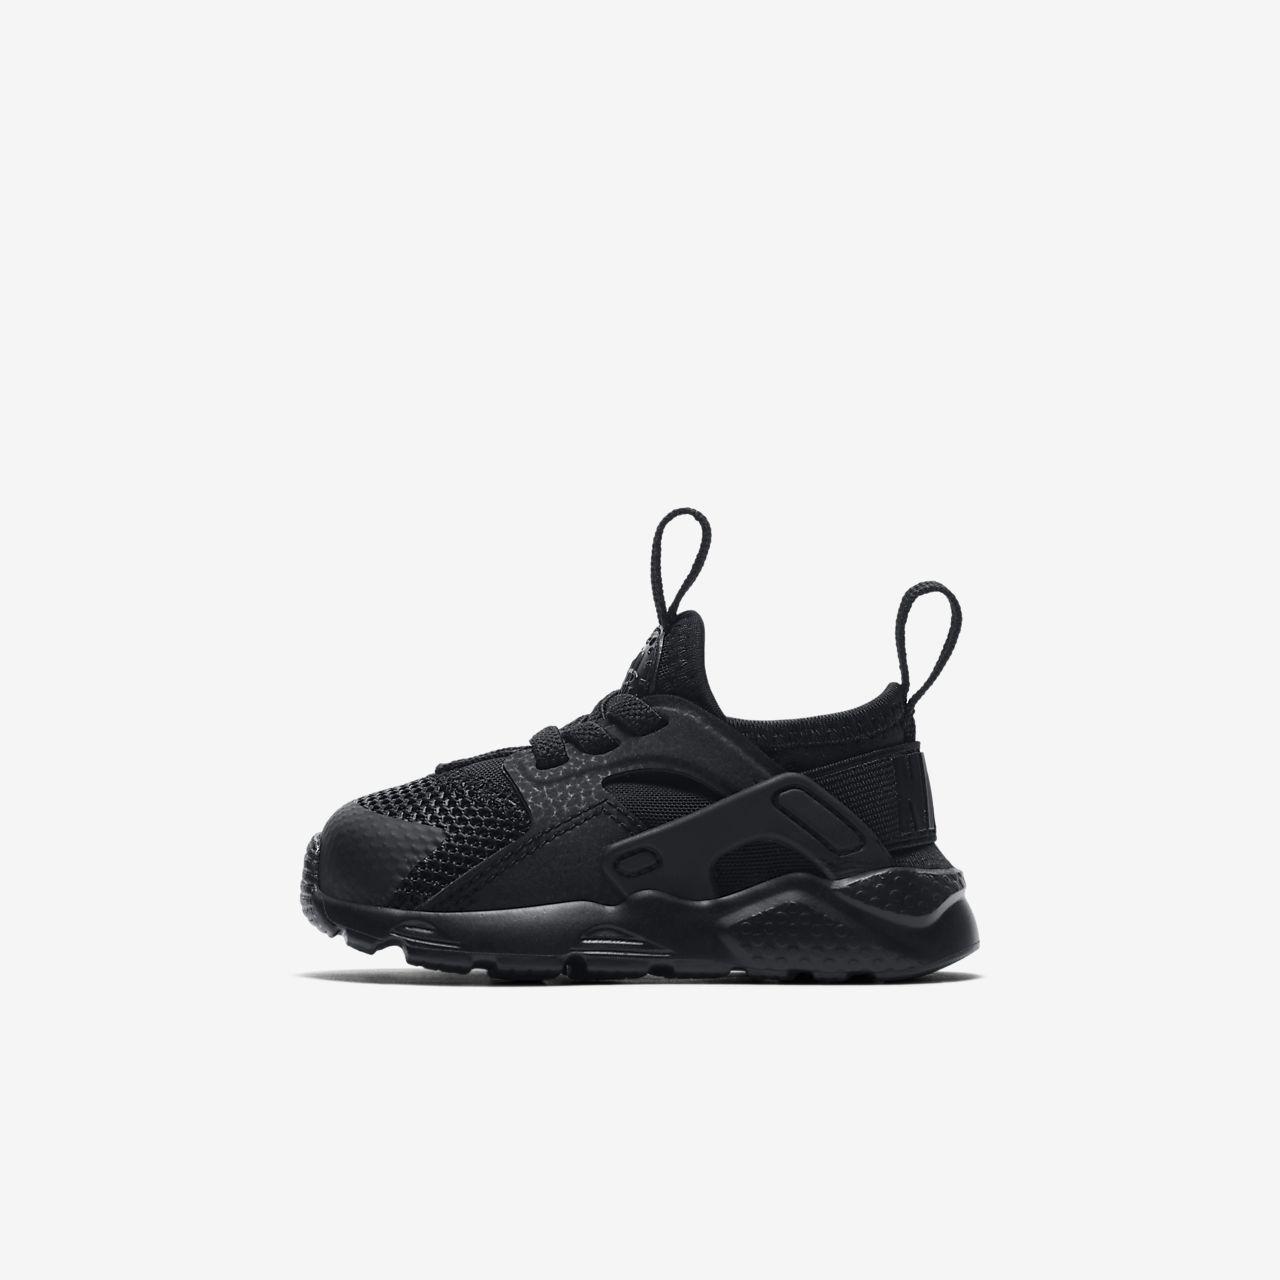 ... Nike Huarache Ultra Toddler Shoe